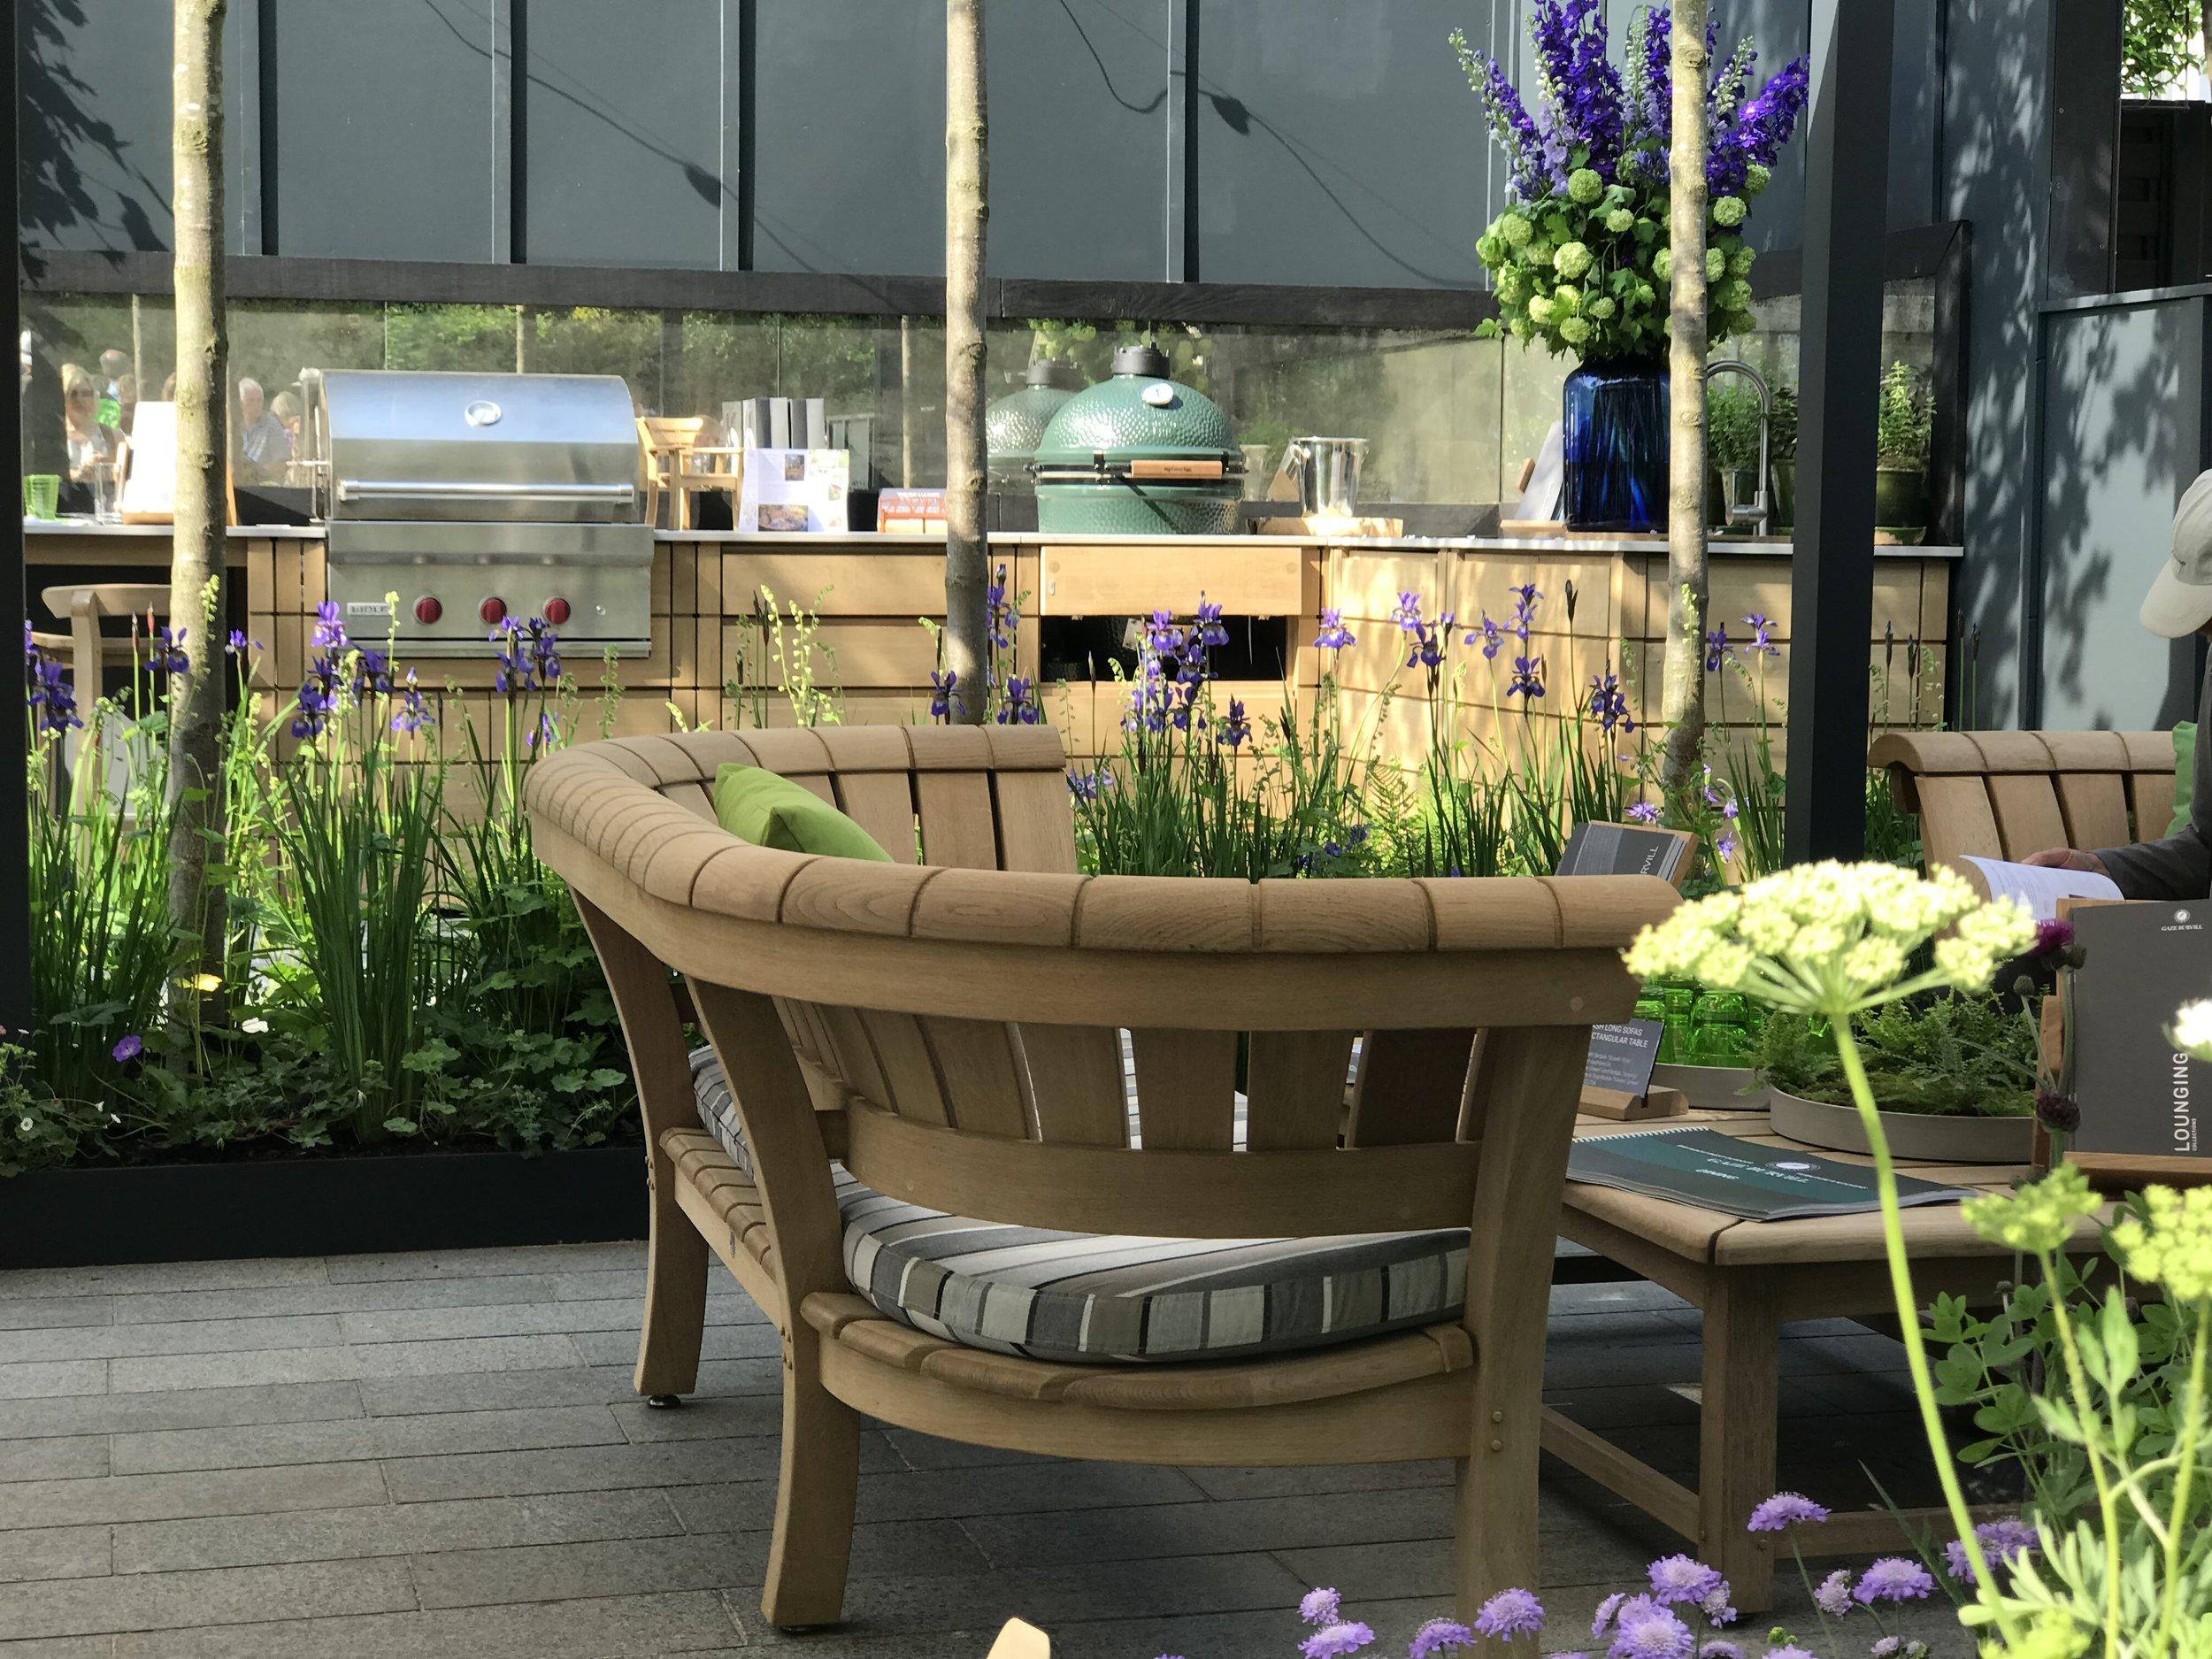 Modern Outdoor Kitchen by Gaze Burvill. Garden Designer: Butter Wakefield. Image: Lorraine Young/Verve Garden Design